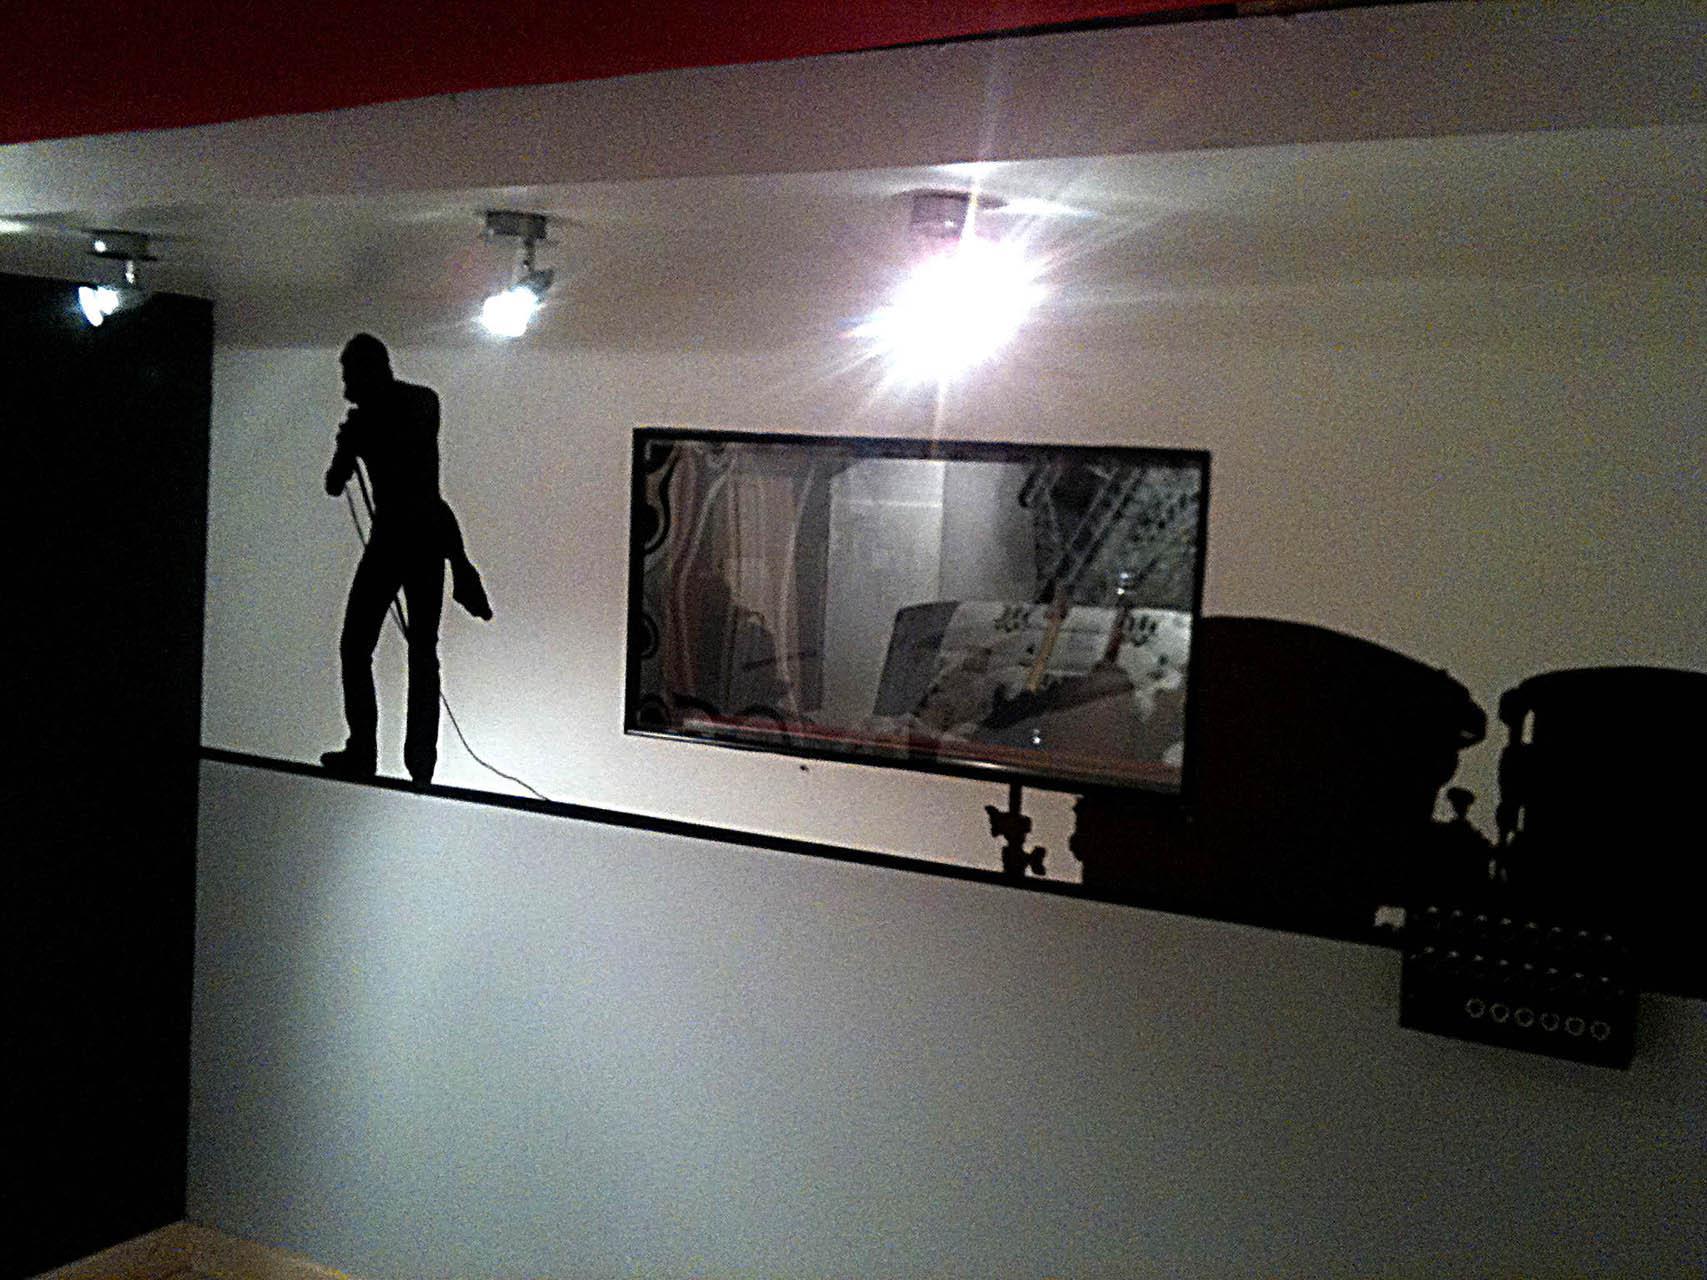 fresques d'une silhouette de batterie et de freddie mercury dans un studio de musique